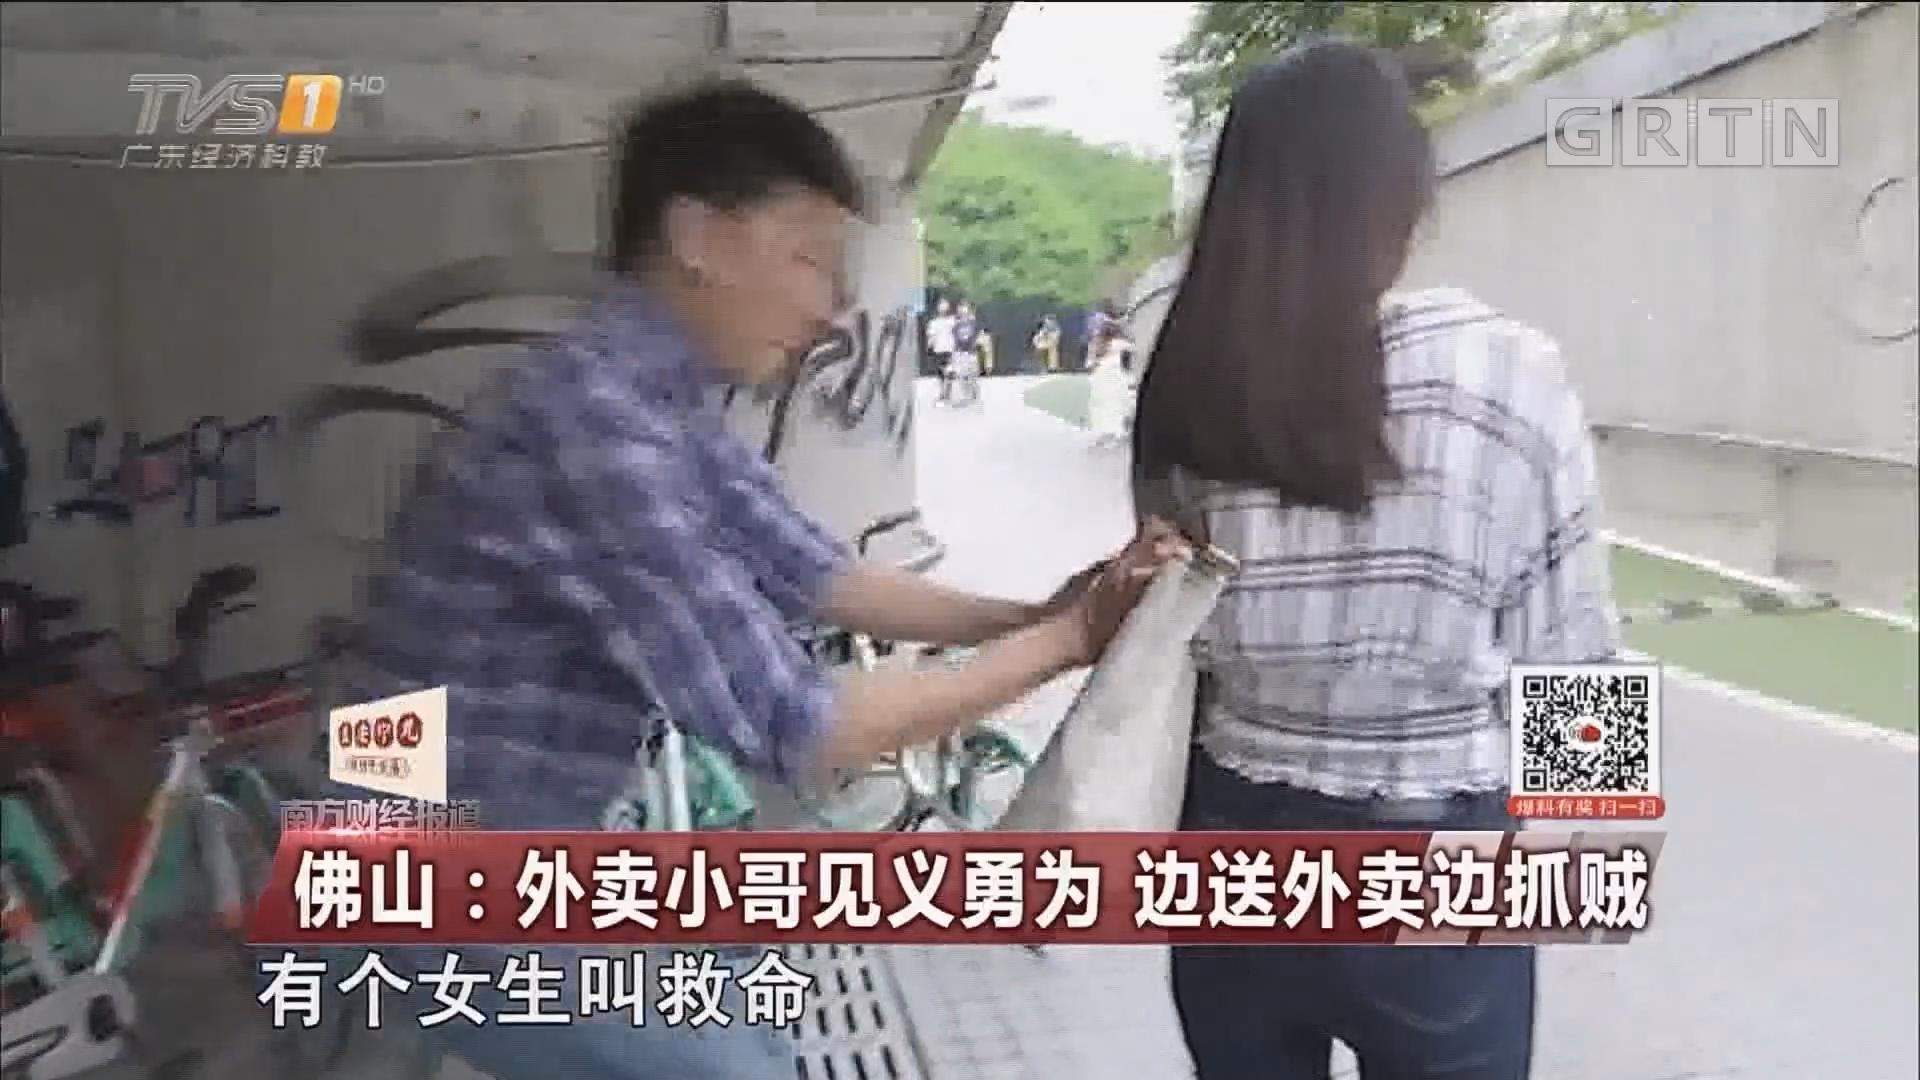 佛山:外卖小哥见义勇为 边送外卖边抓贼